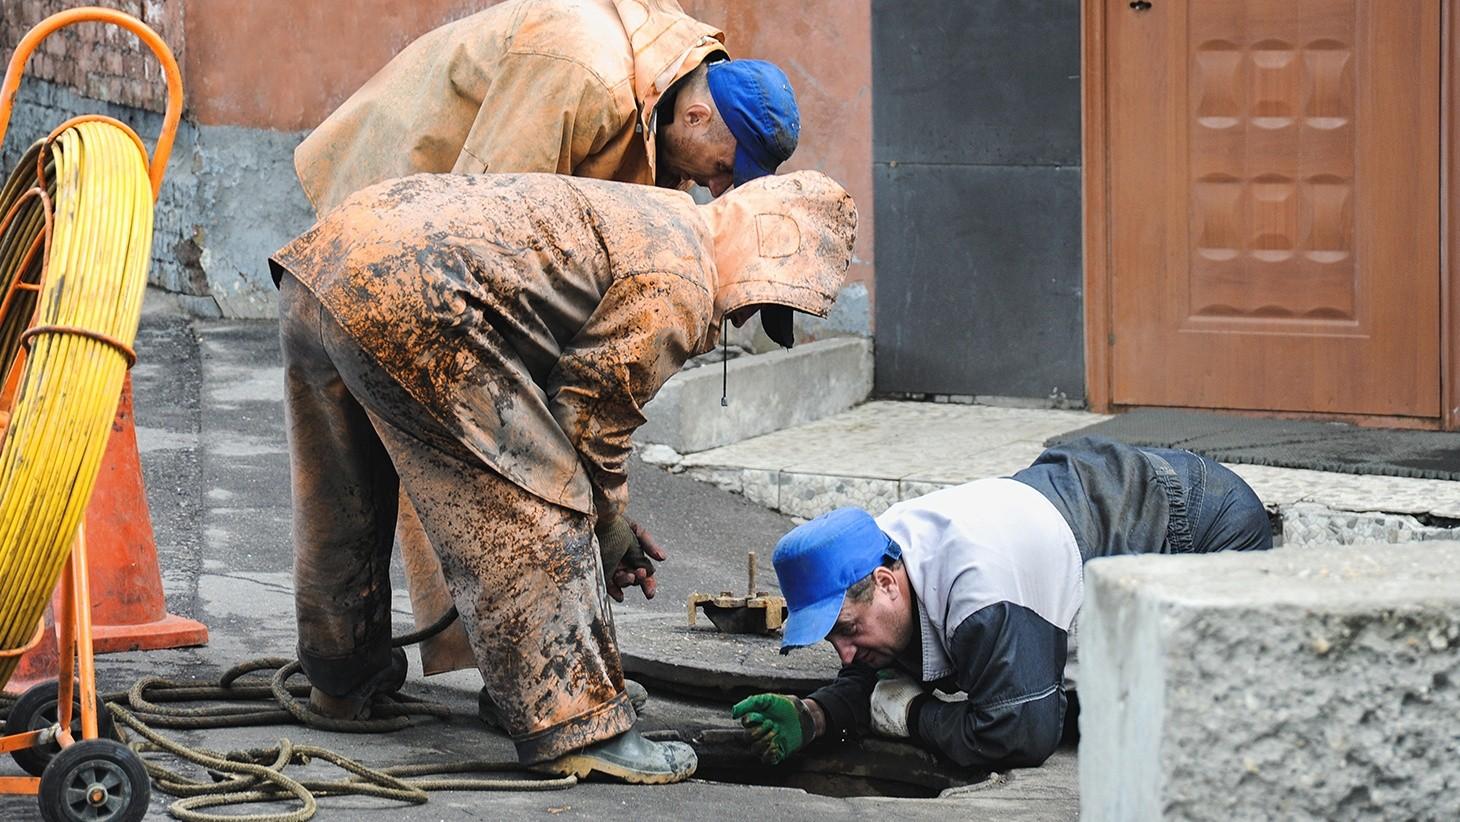 Сотрудники коммунальных служб: повышение эффективности работы